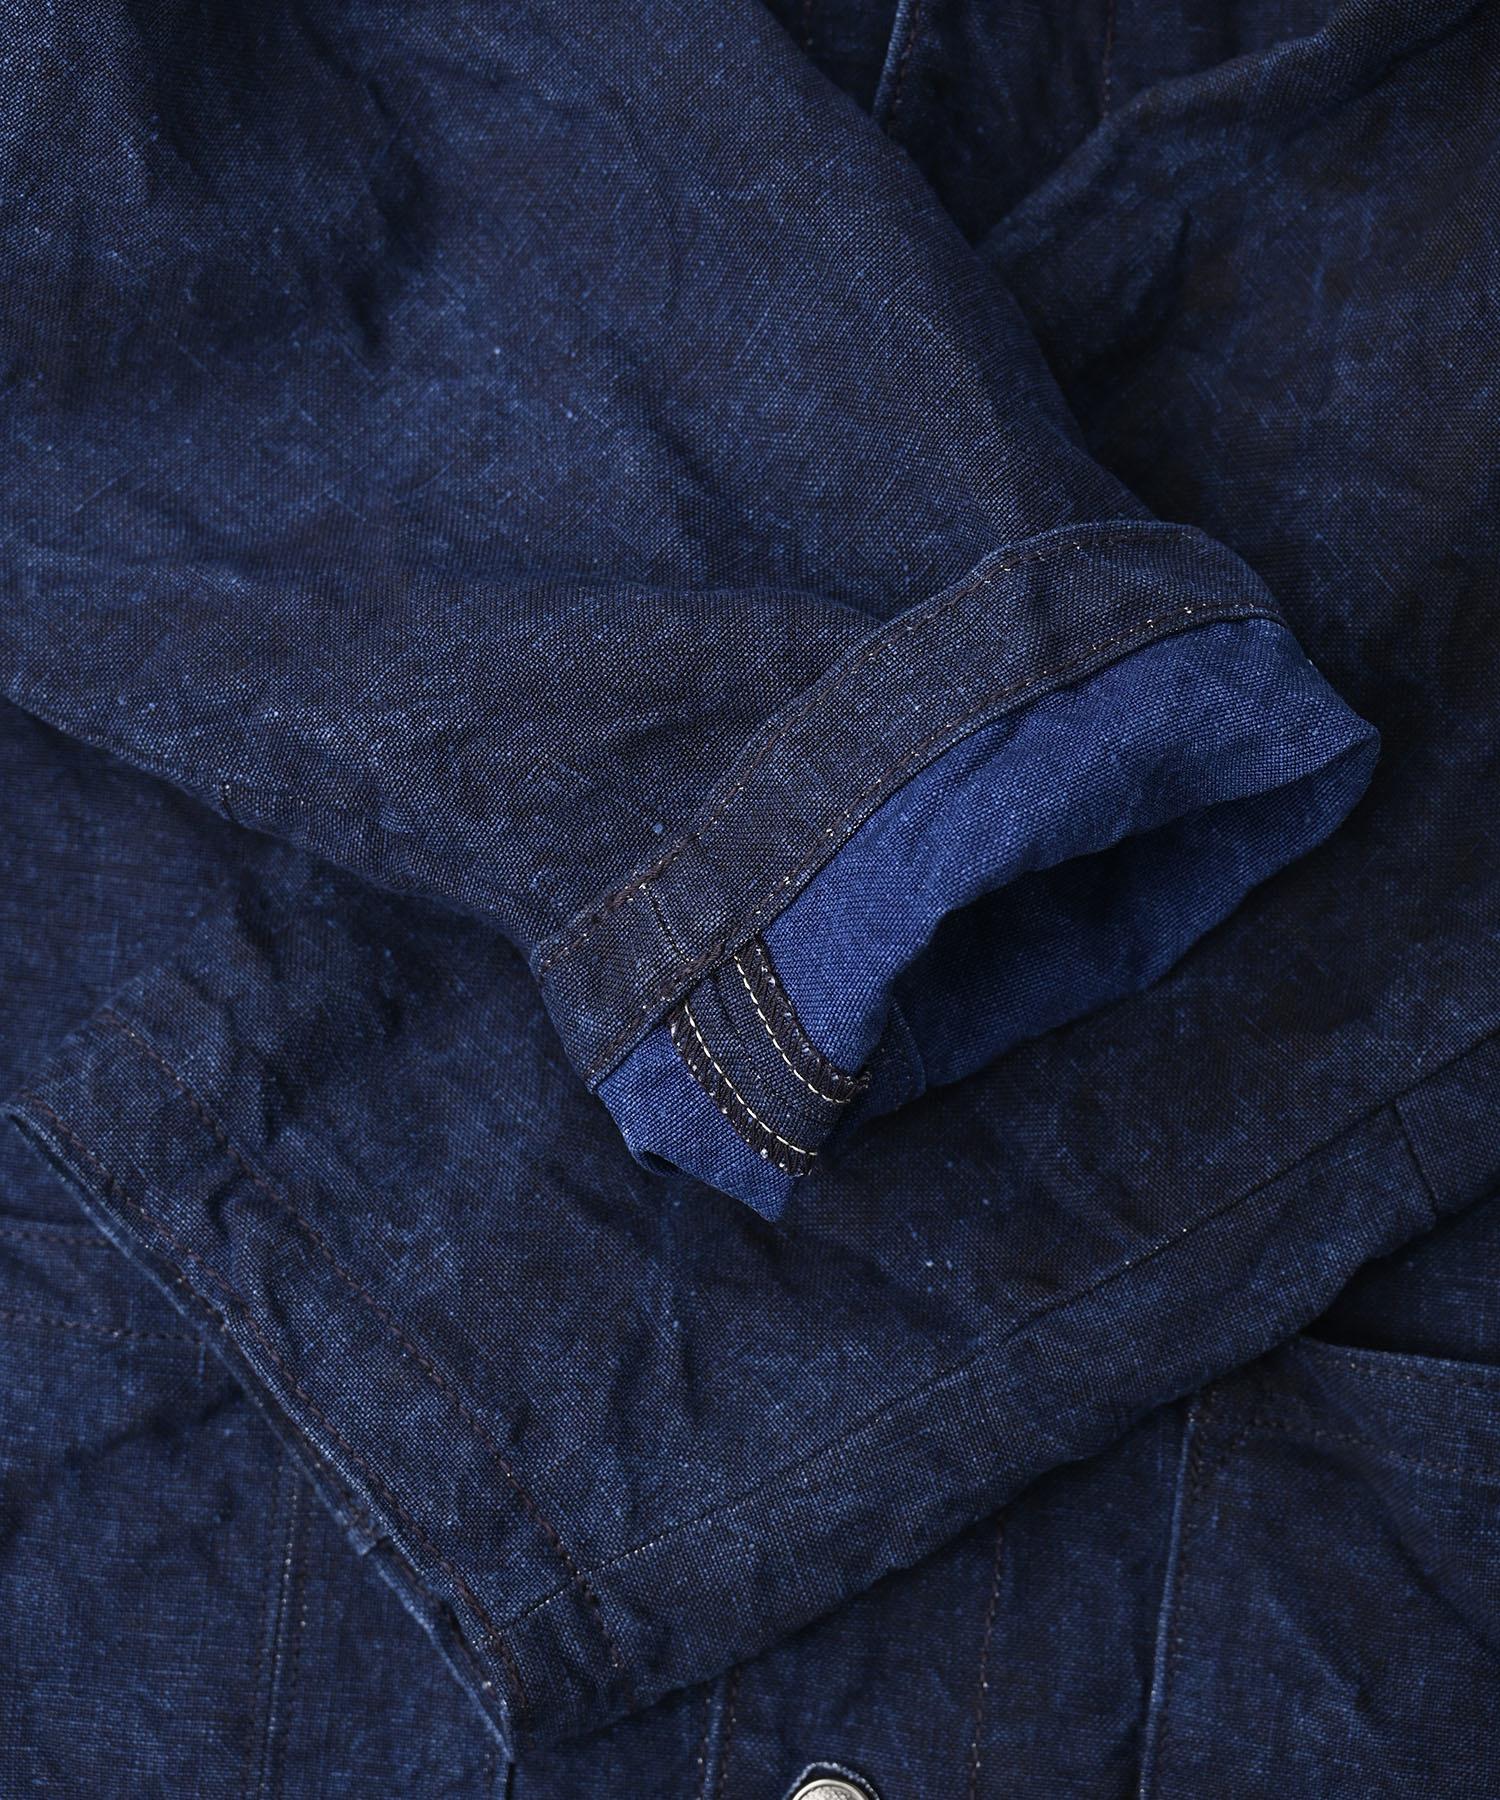 Indigo Linen Duck 908 Asama Coverall (0421)-11